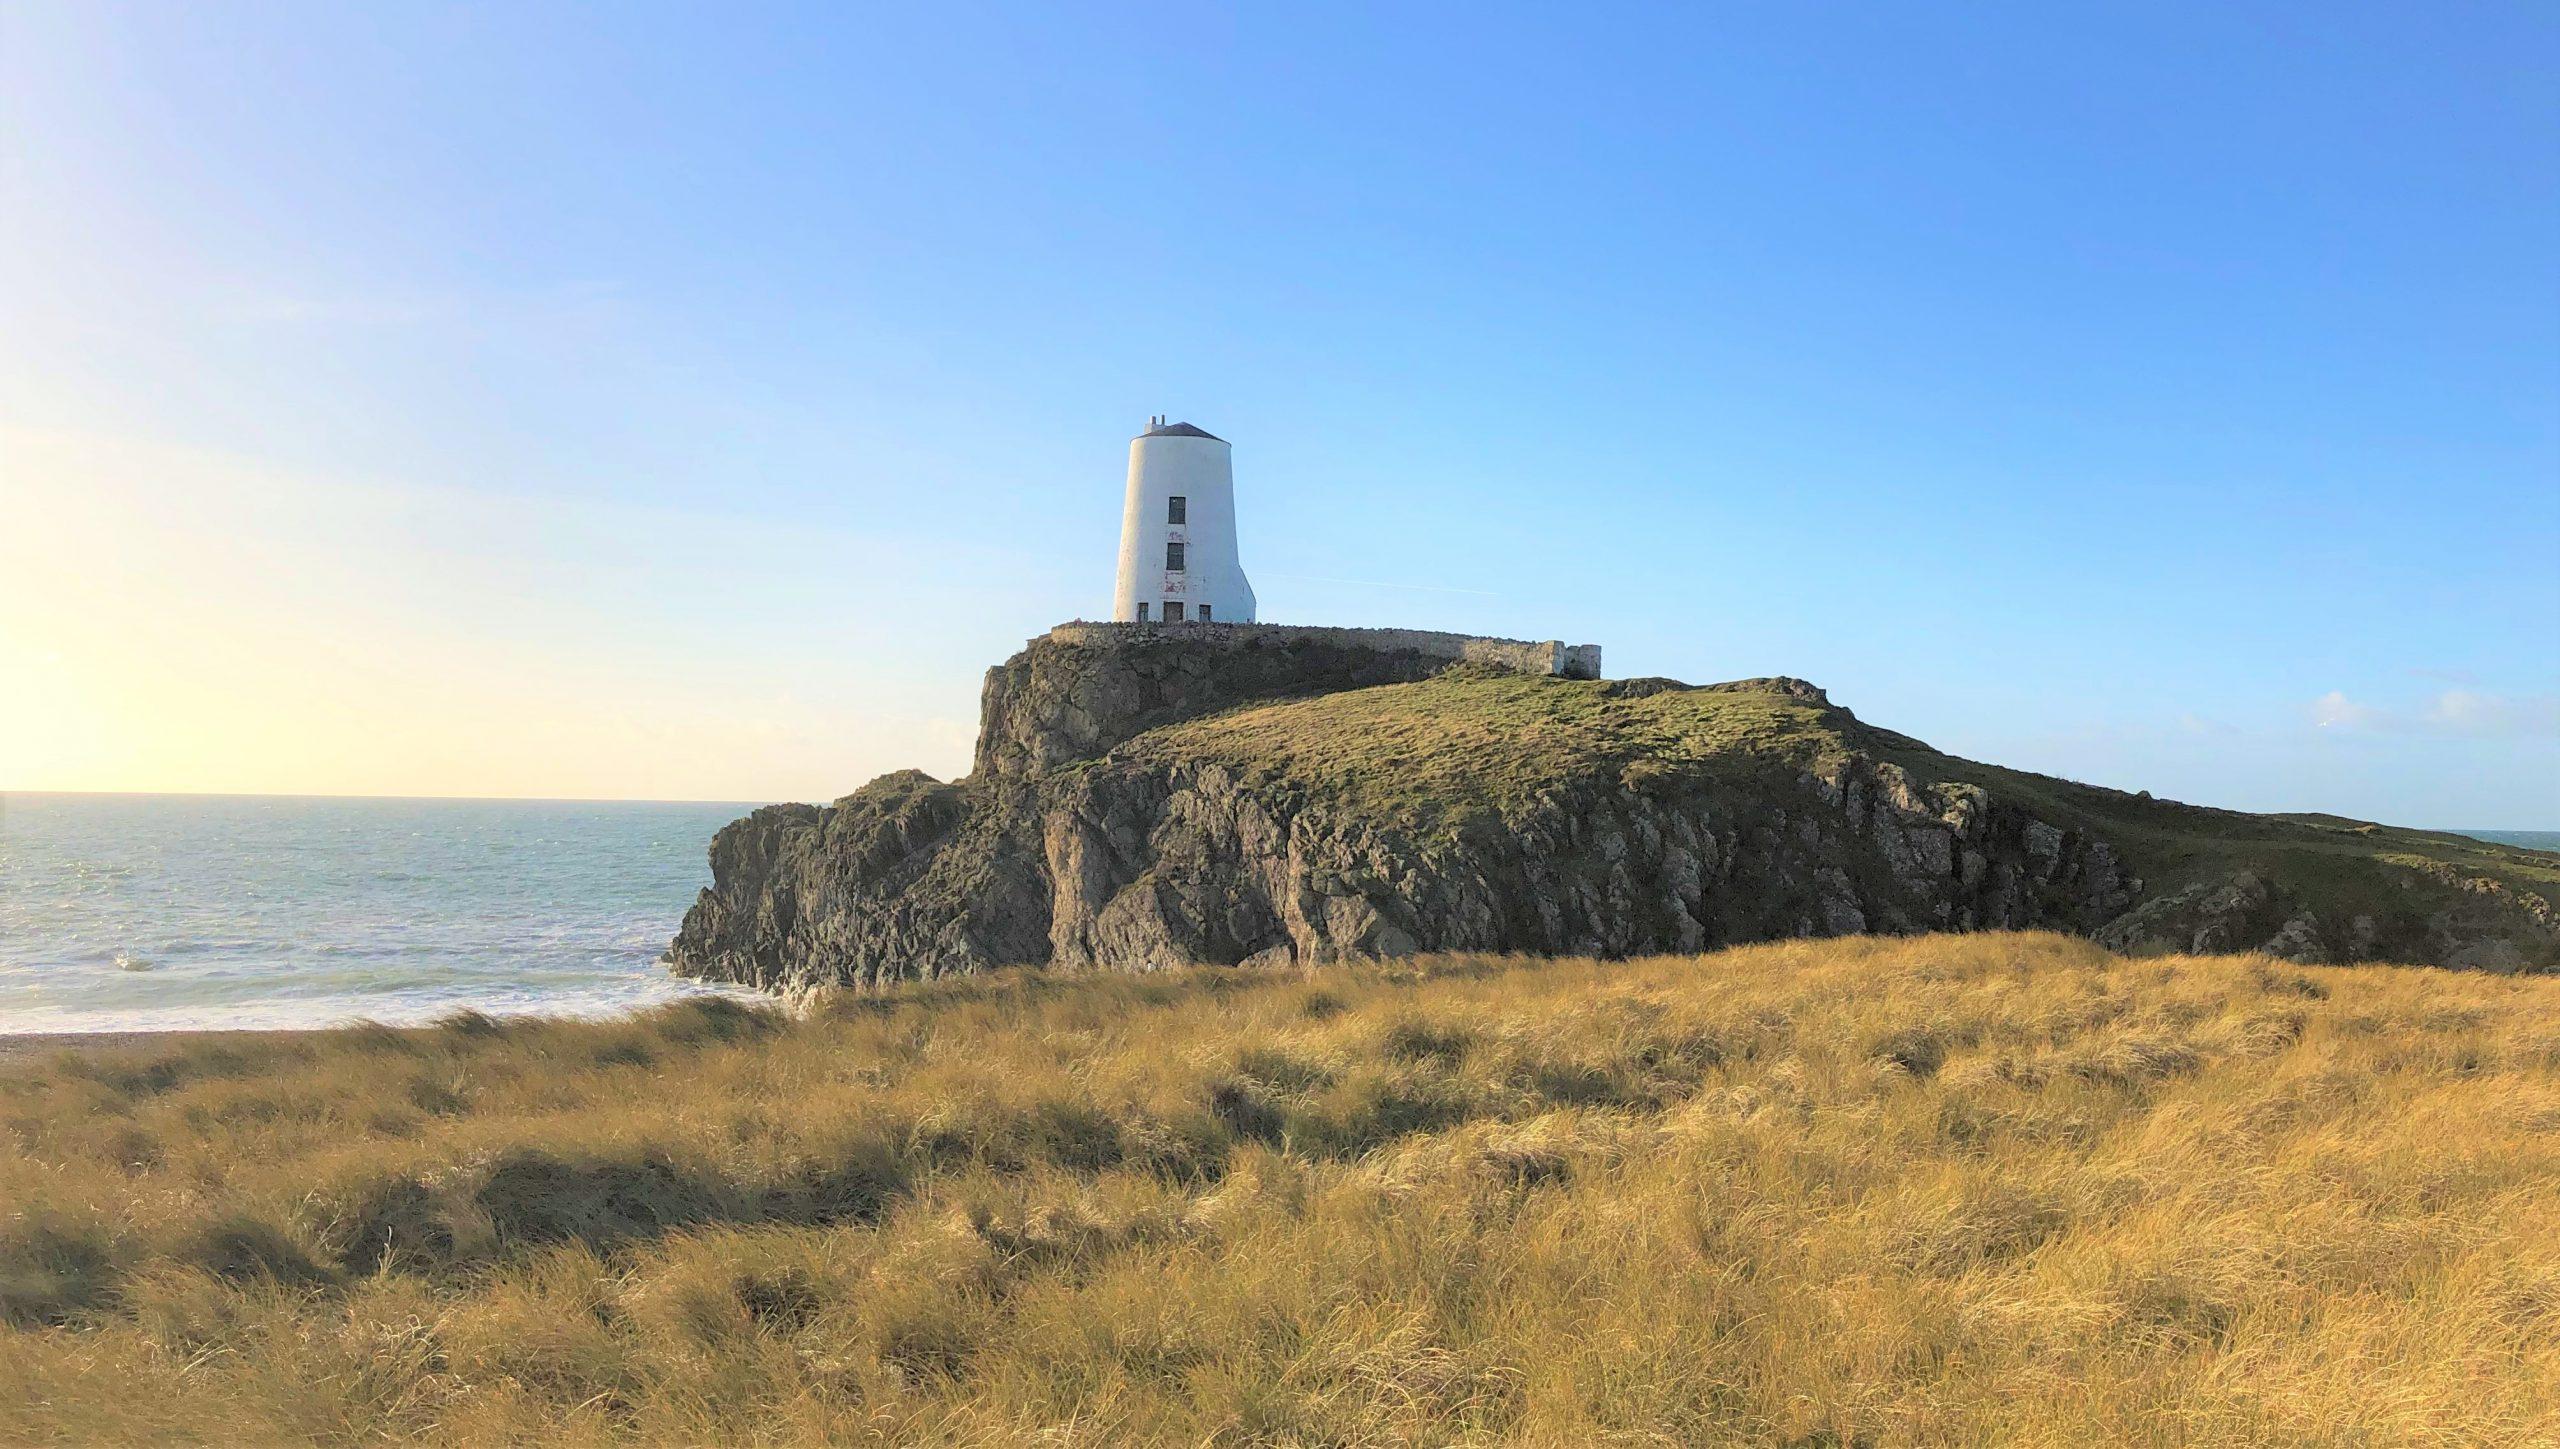 Llanddwyn Island and Tŵr Mawr lighthouse